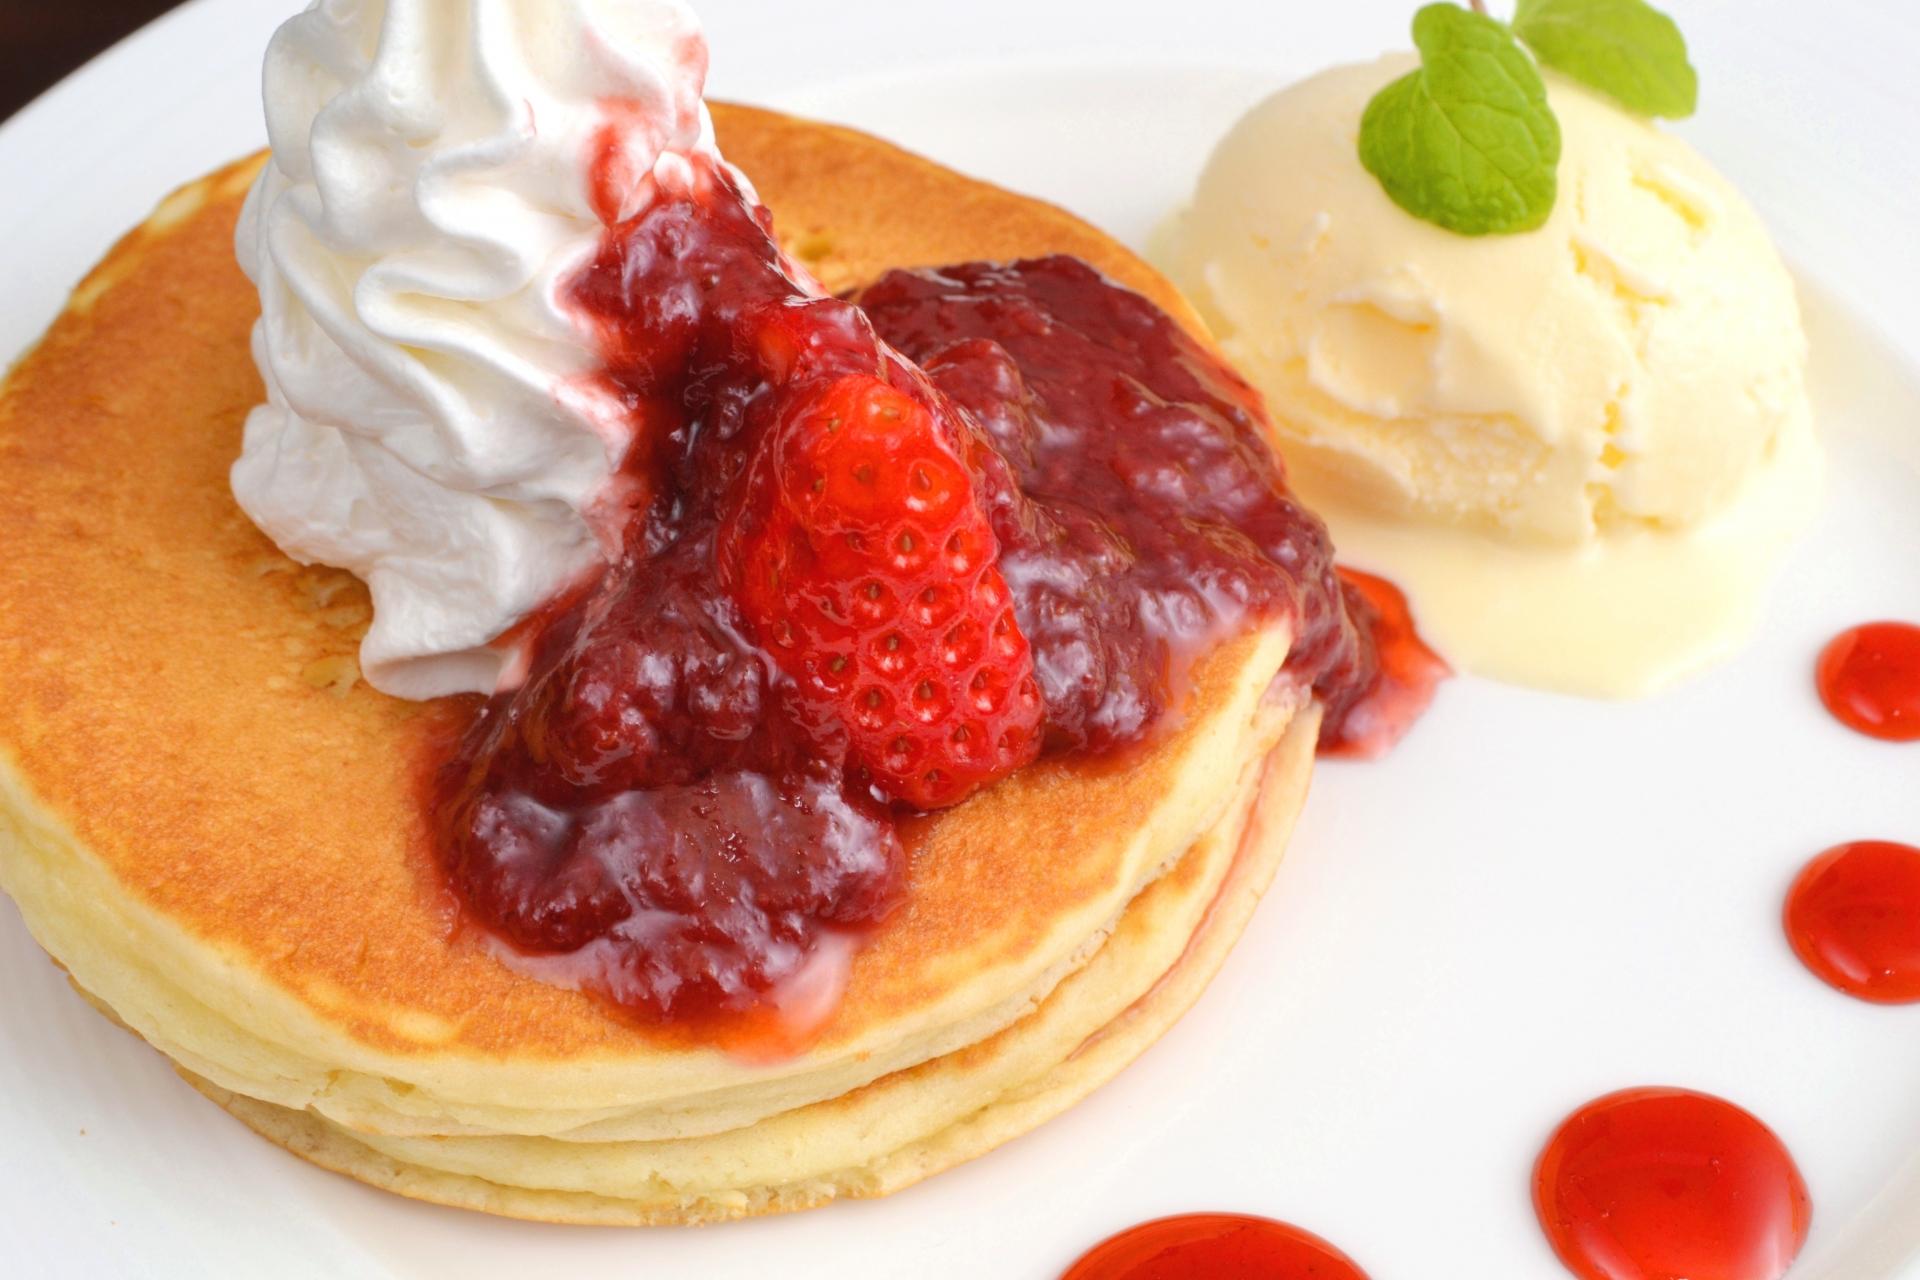 おうちで作ろう!!「もちもちパンケーキ」レシピ